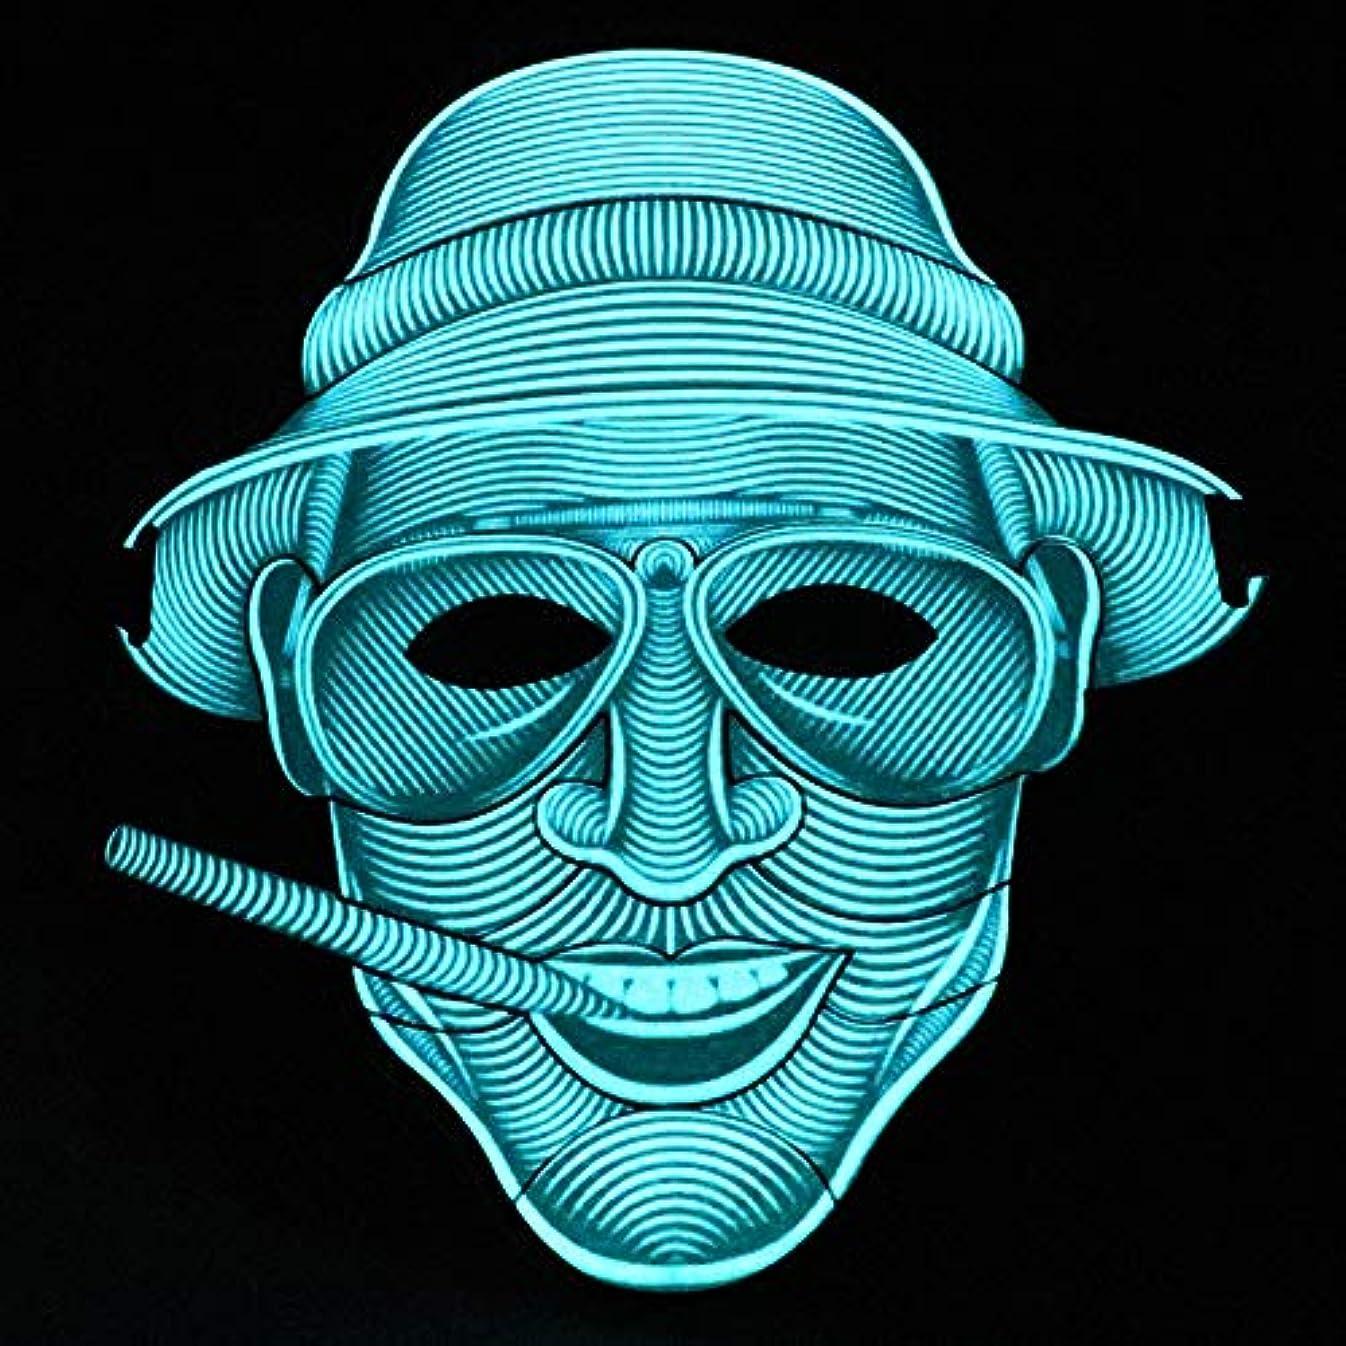 どっち上げる接続照らされたマスクLED創造的な冷光音響制御マスクハロウィンバーフェスティバルダンスマスク (Color : #18)